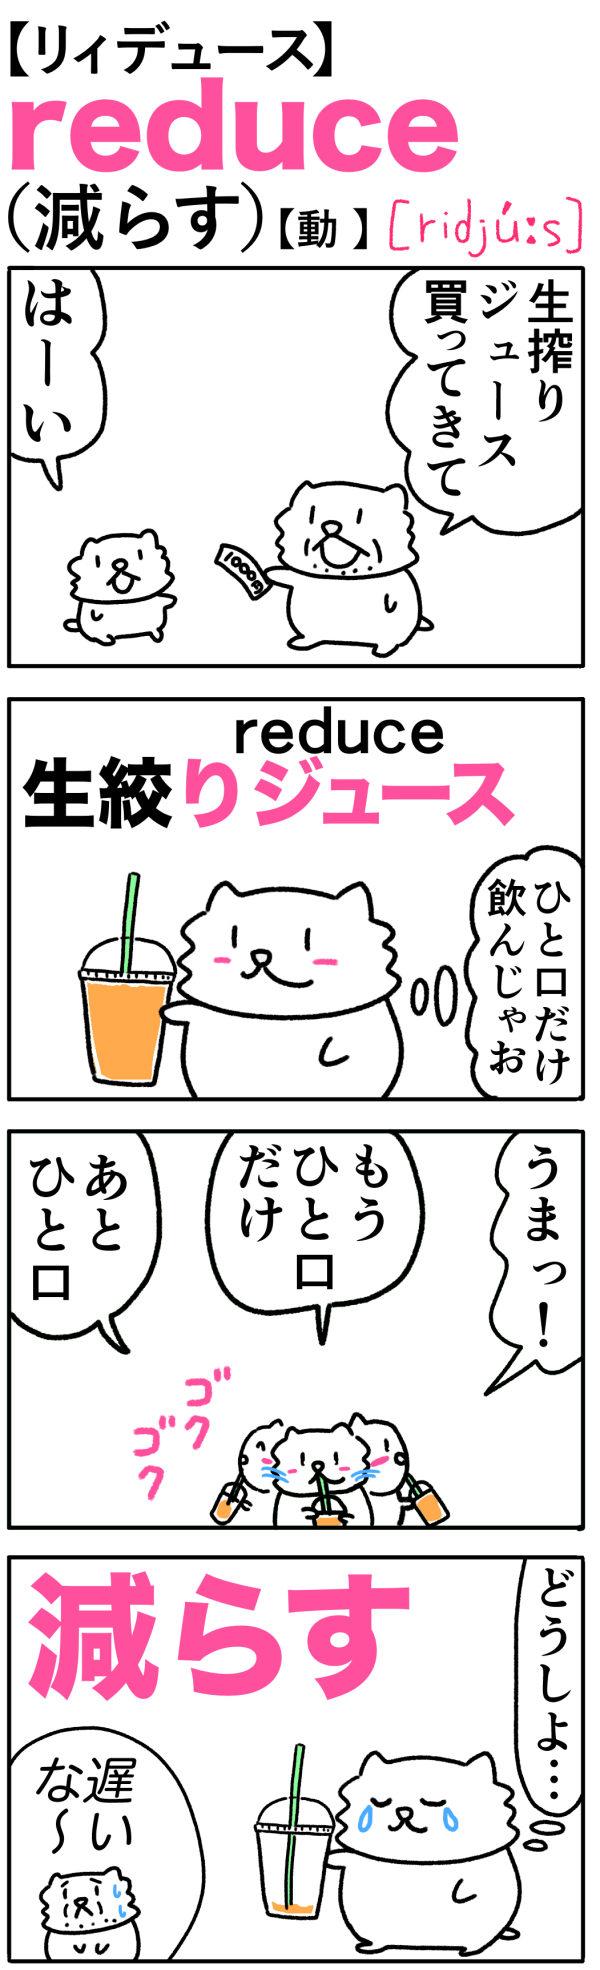 reduce(減らす)の語呂合わせ英単語